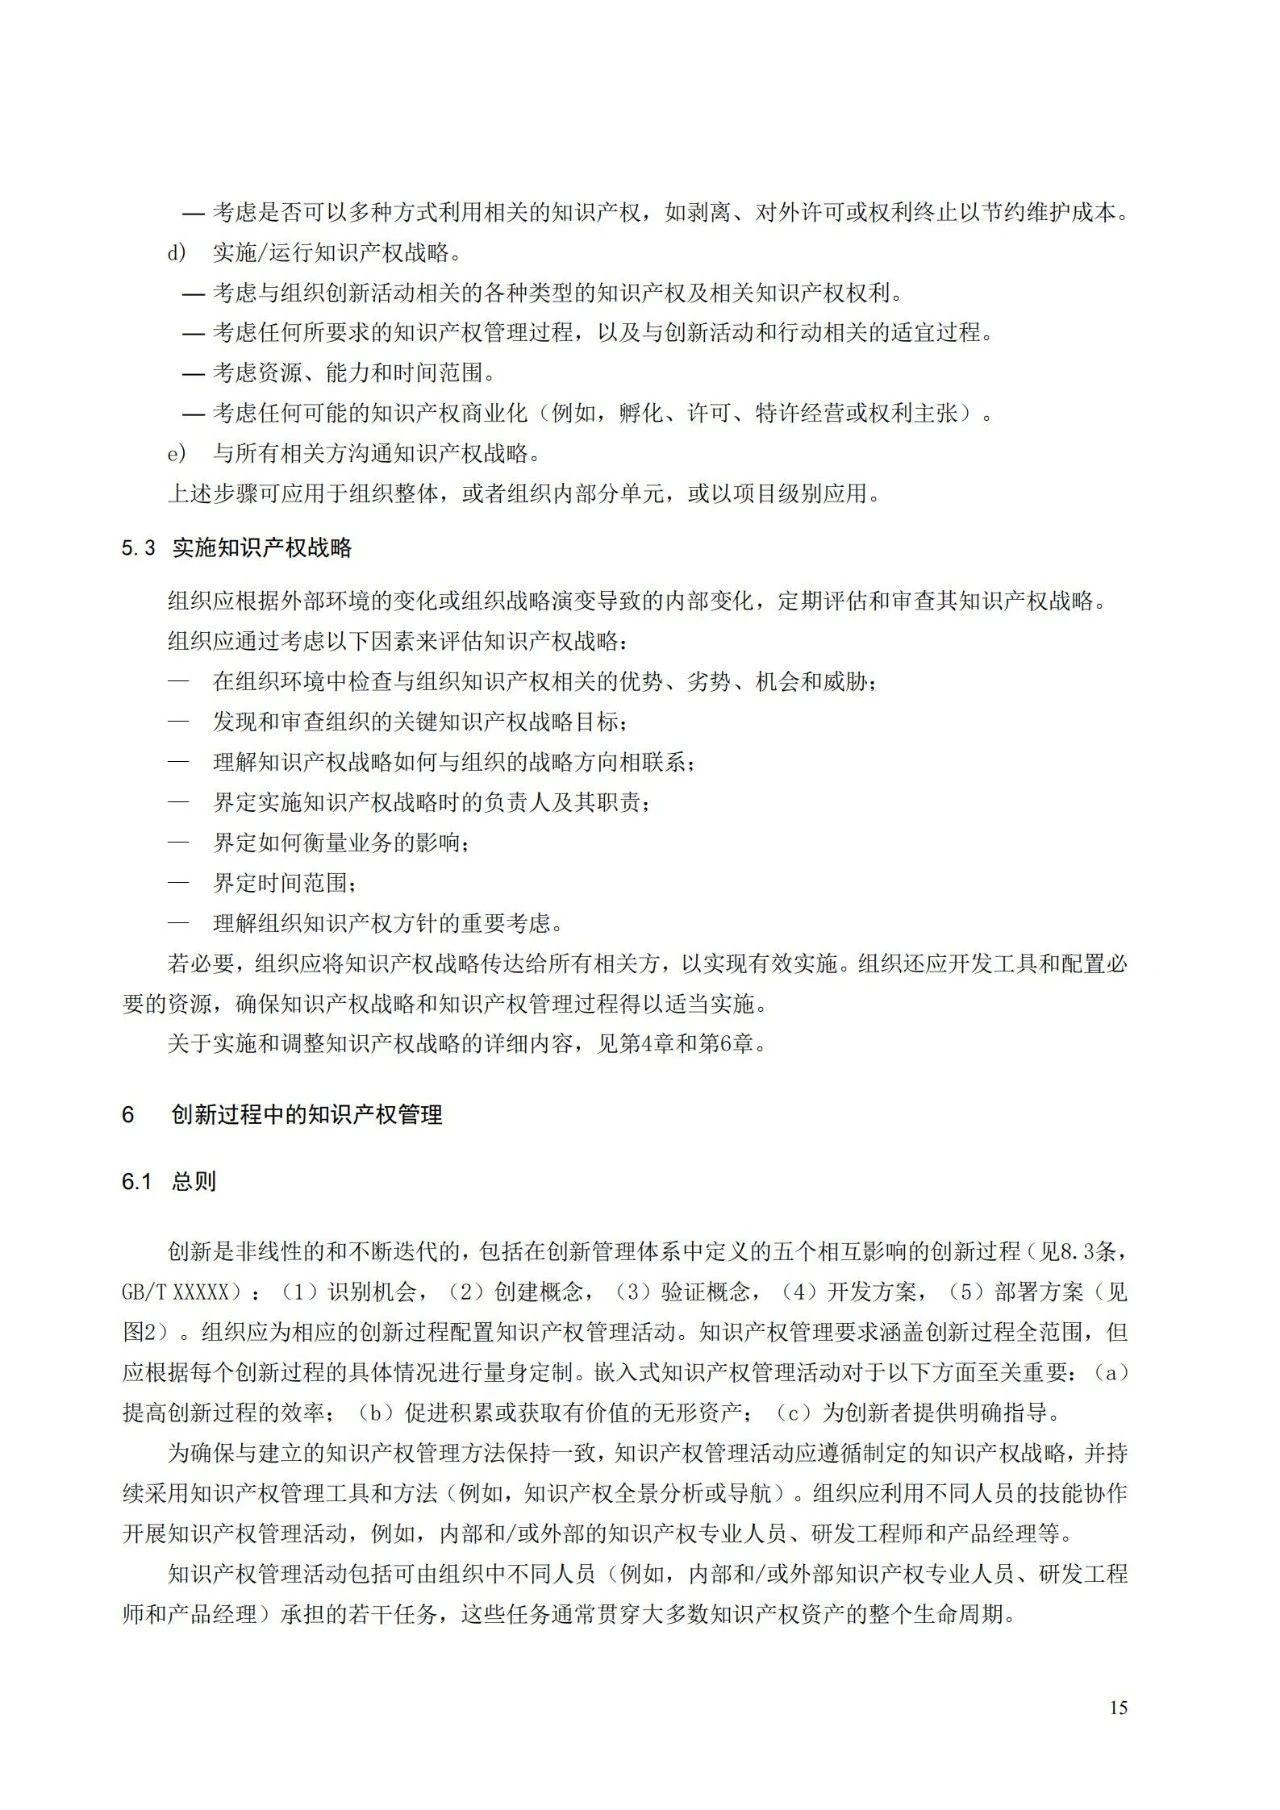 国家标准《创新管理知识产权管理指南 (征求意见稿)》全文公布